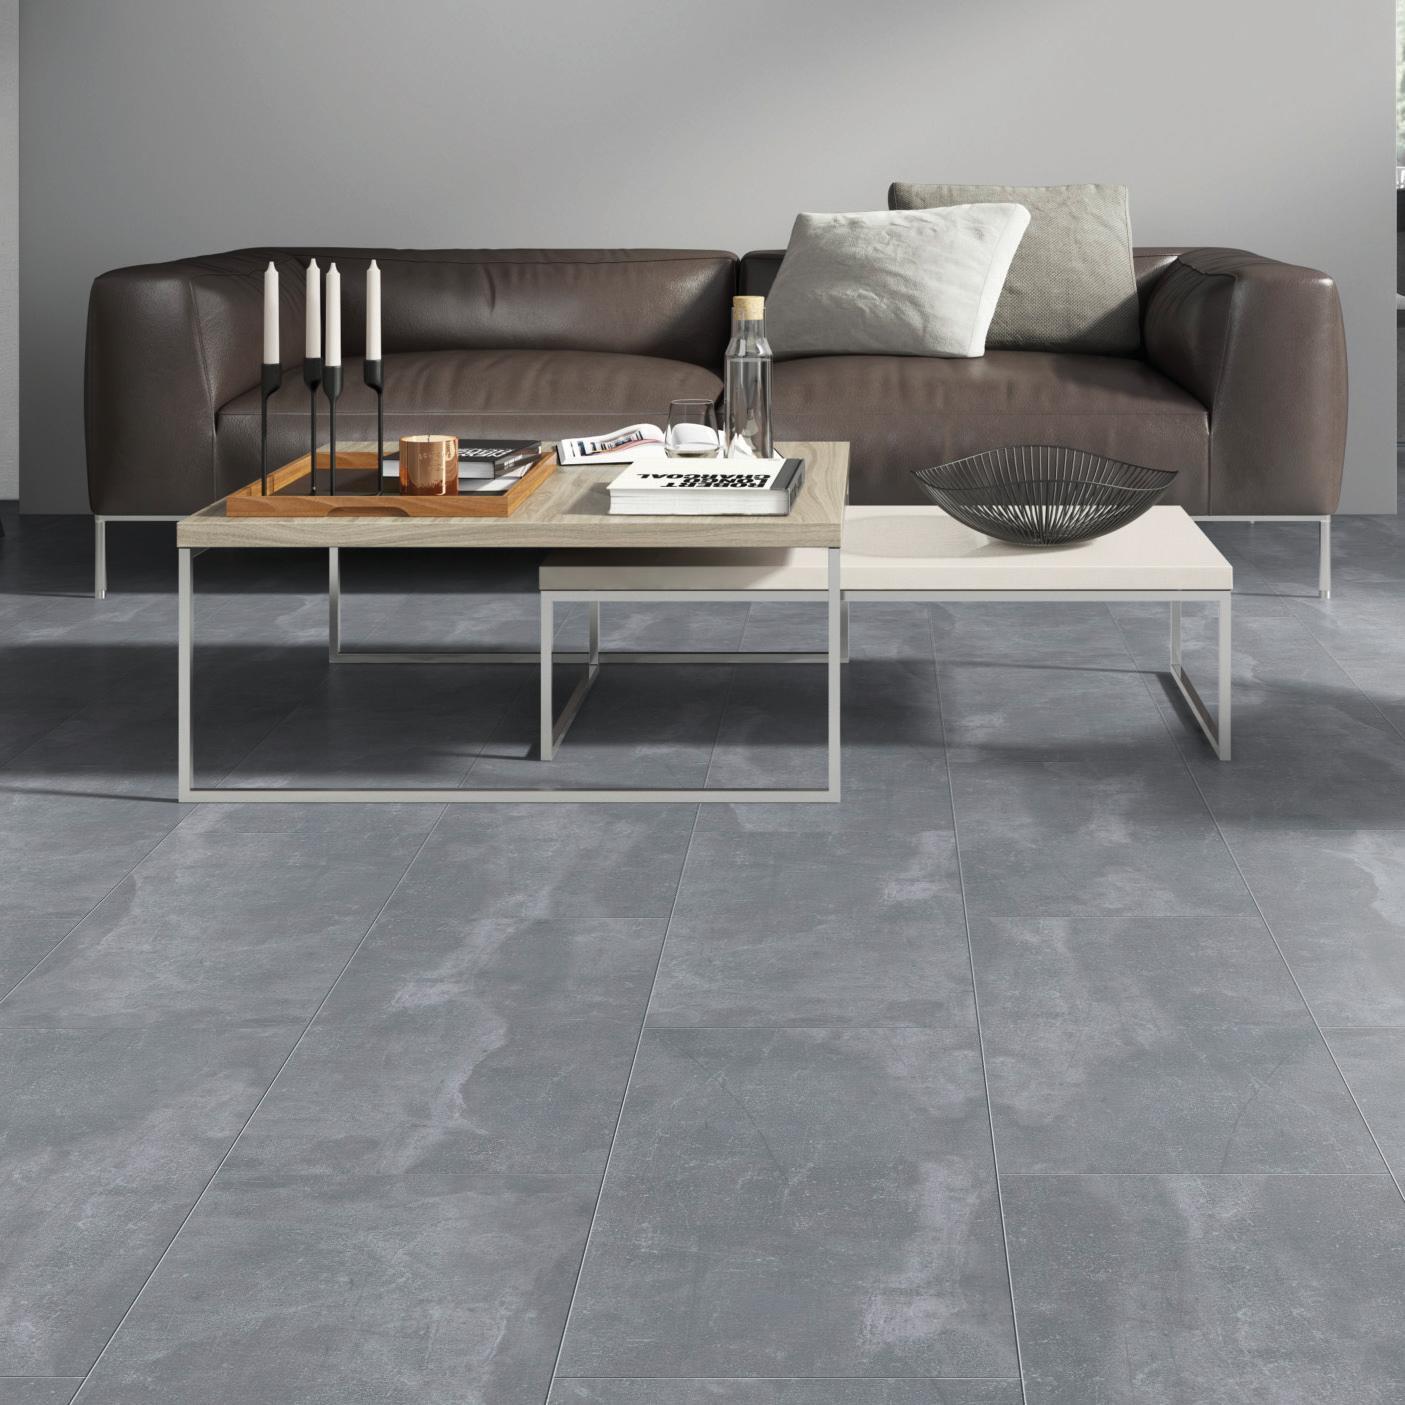 Pavimento SPC flottante clic+ Pietra Nova Industrial Sp 4.5 mm grigio / argento - 3